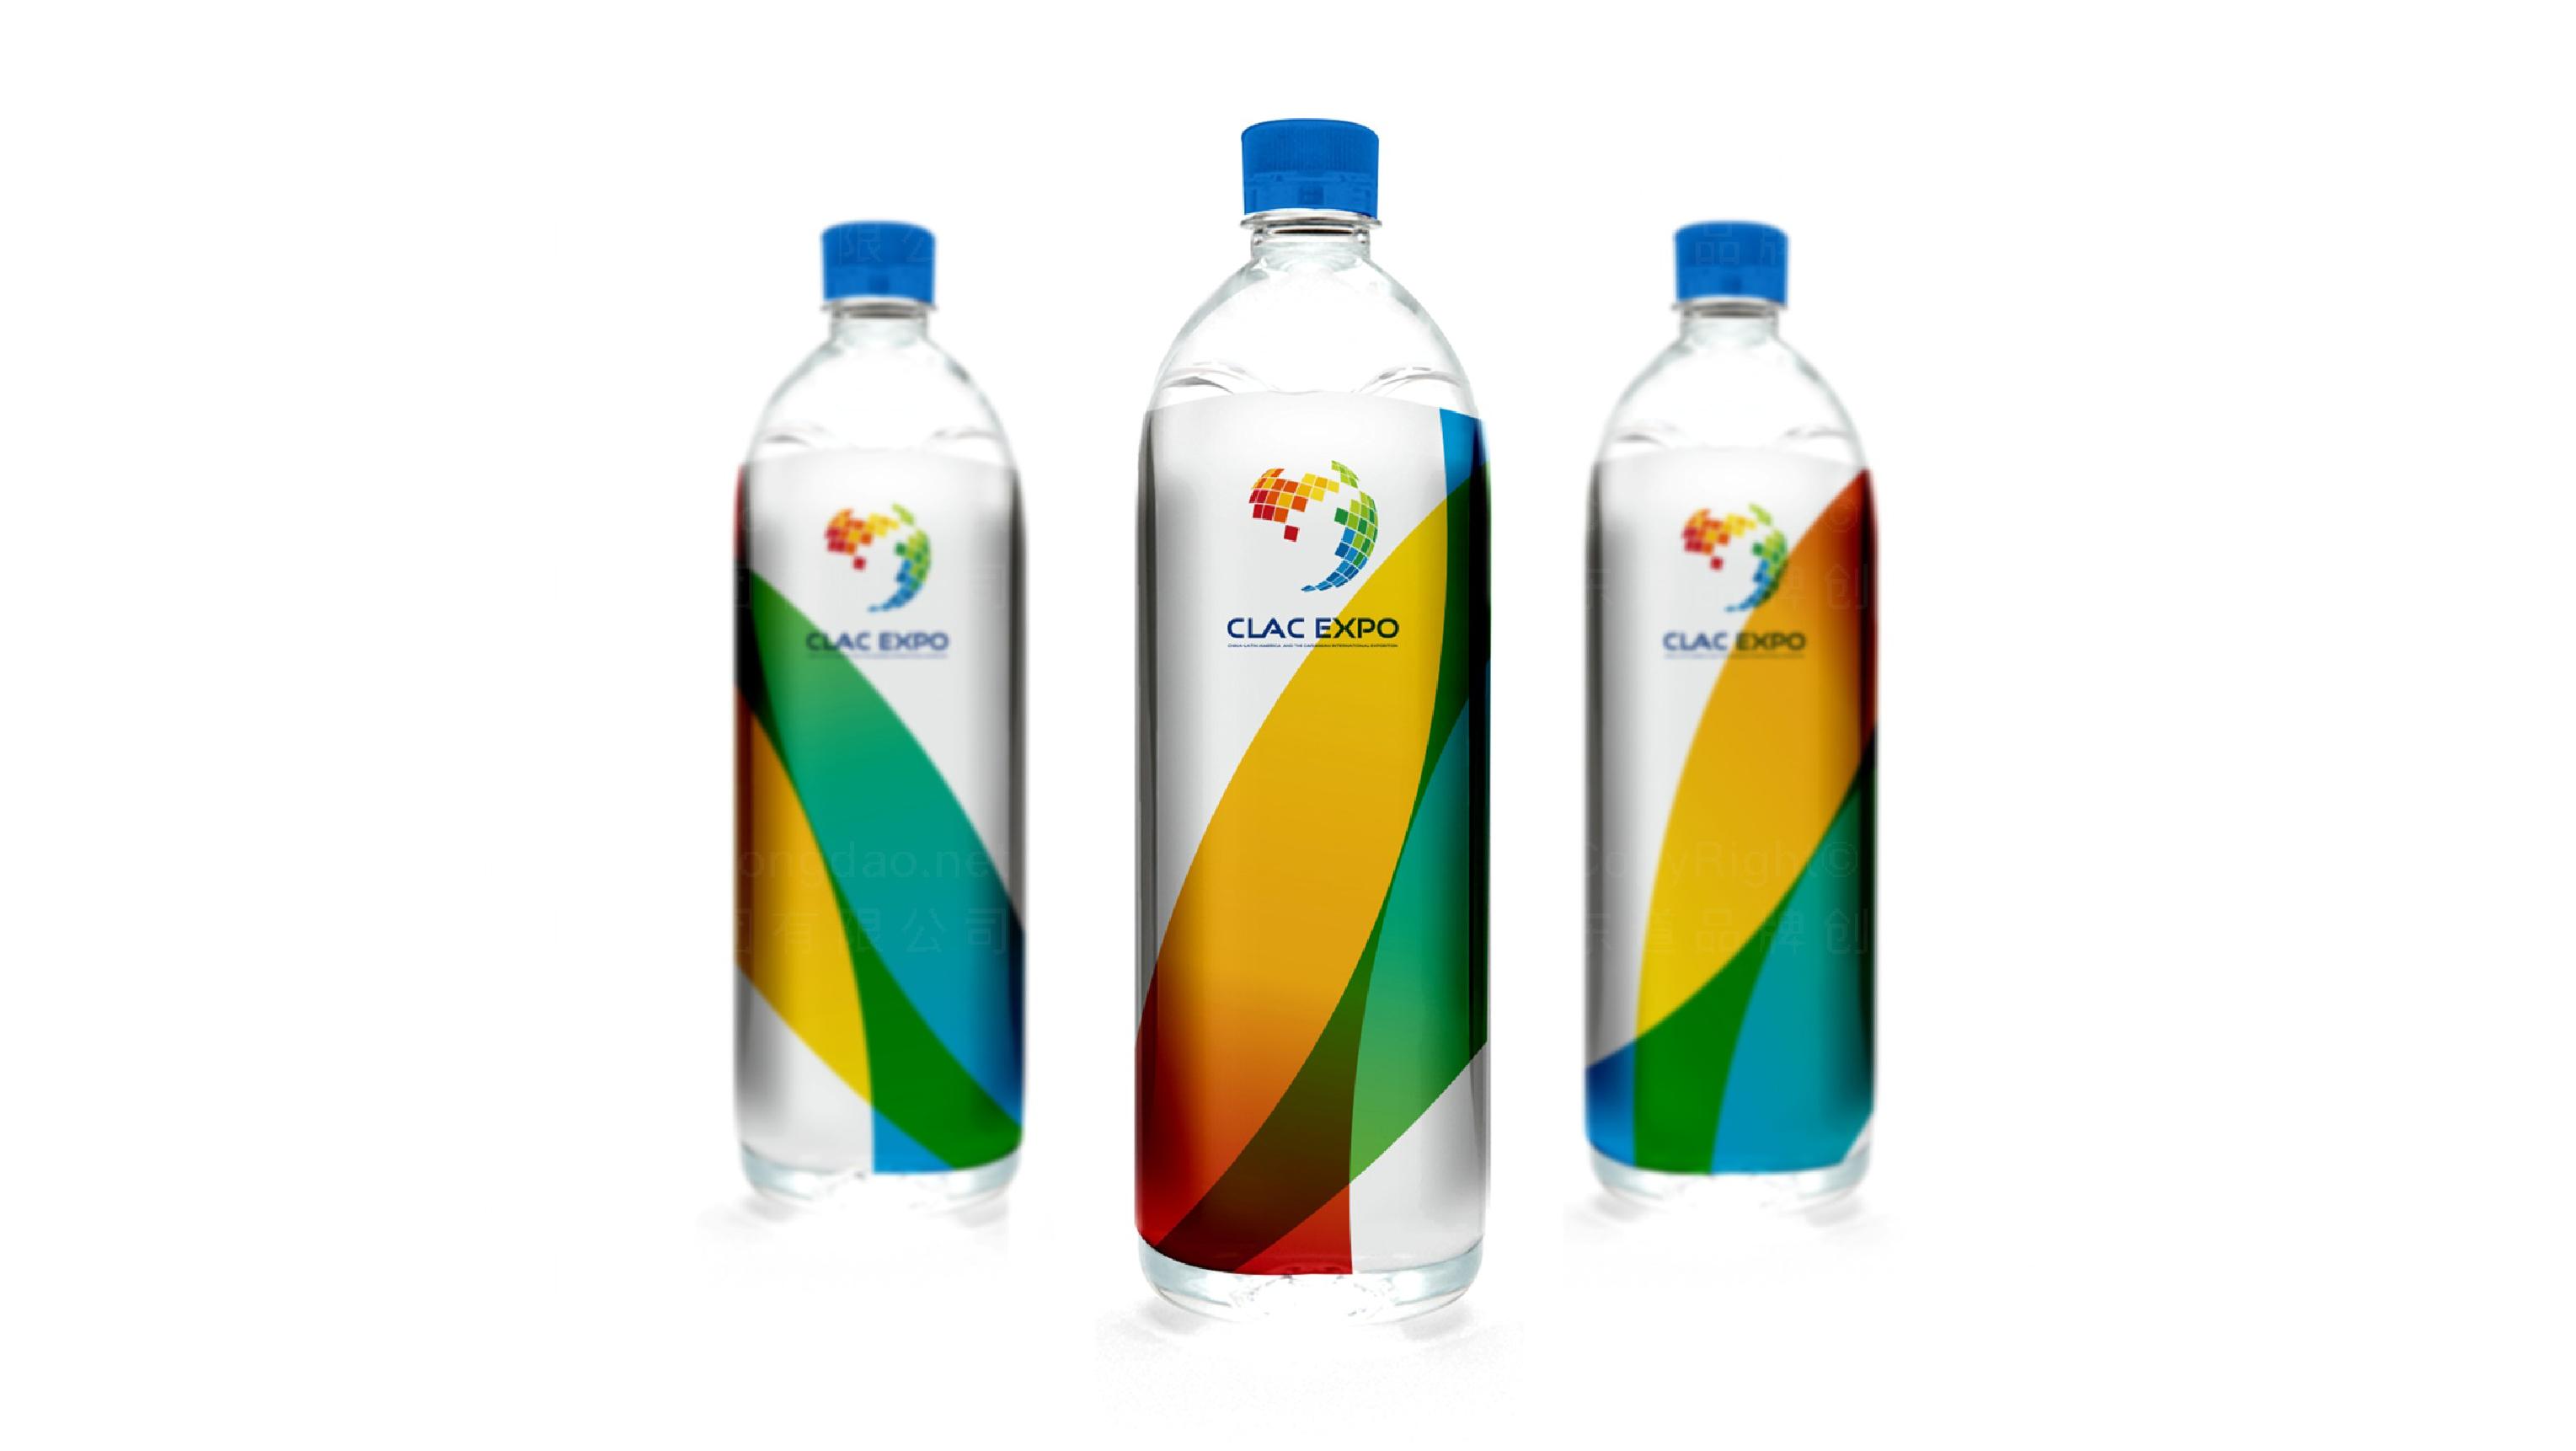 中拉国际博览会logo设计、vi设计应用场景_1